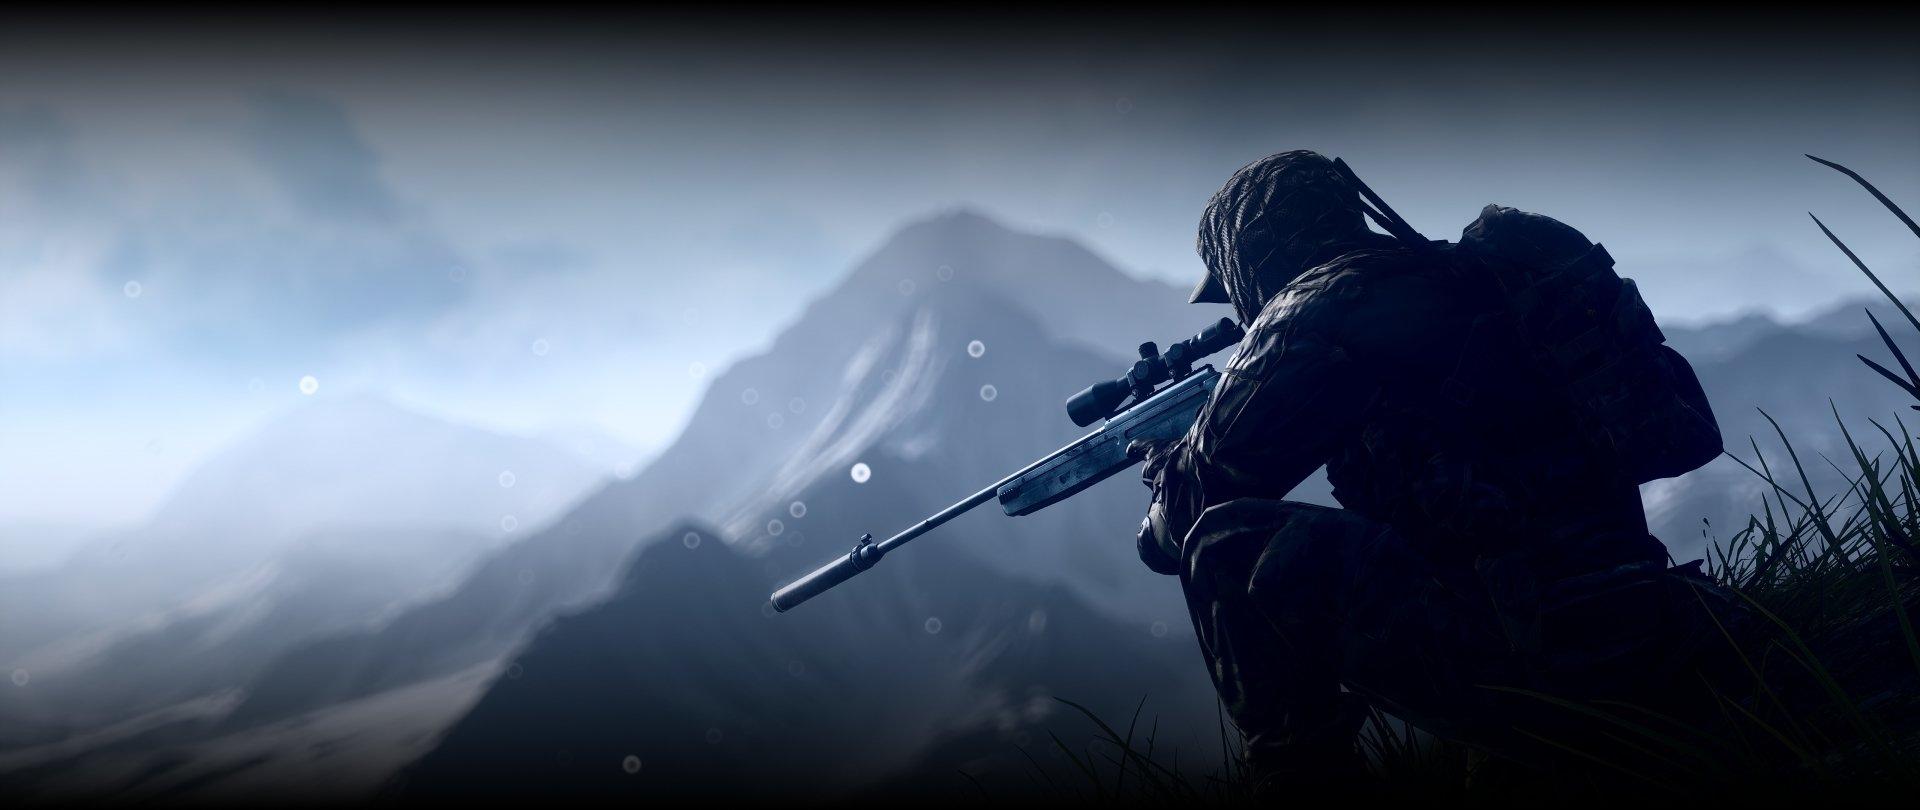 Battlefield 4 4k Ultra HD Wallpaper